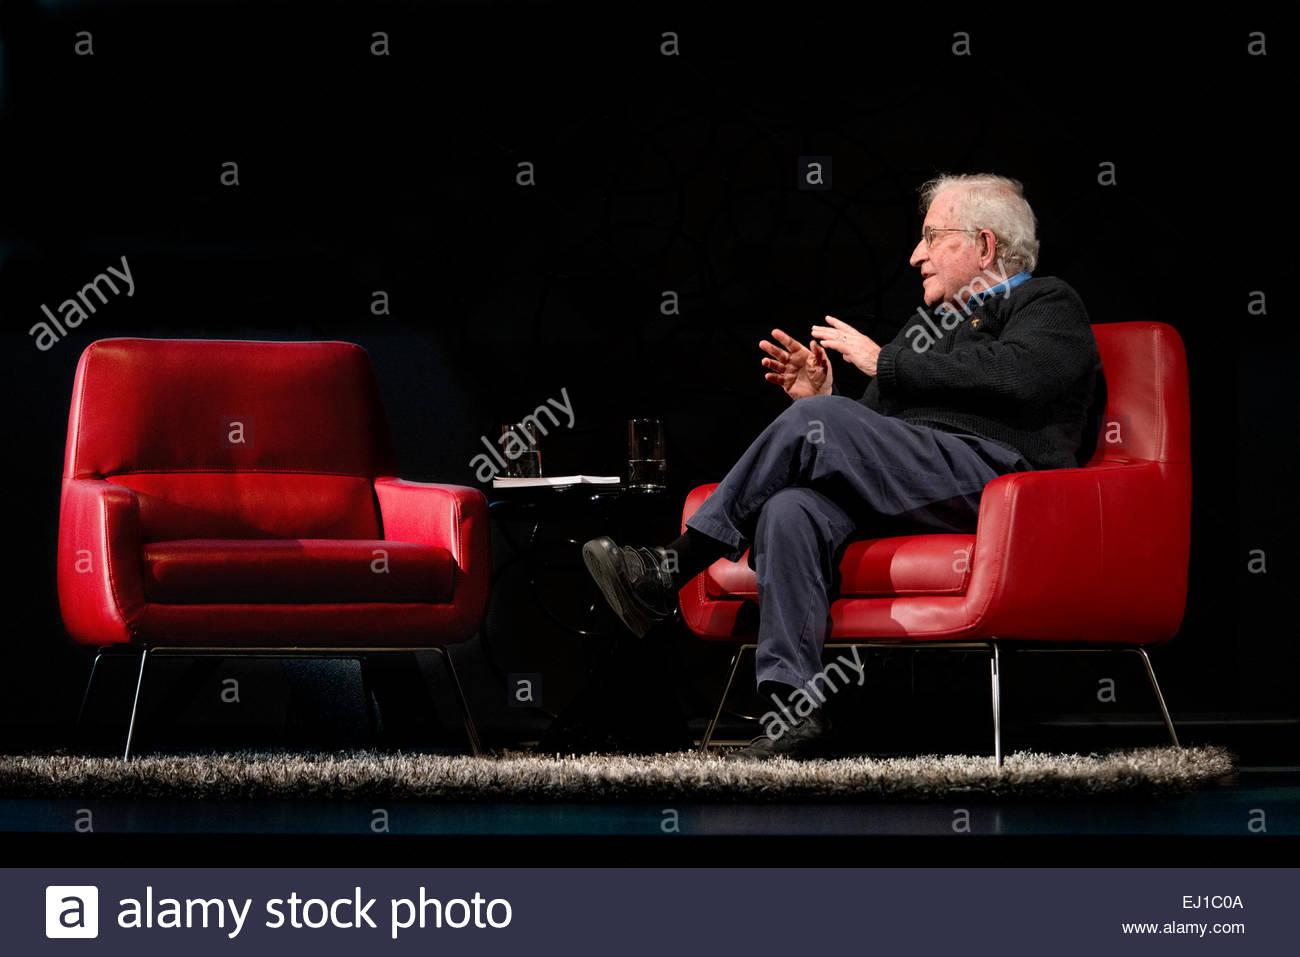 15 marzo 2015 Noam Chomsky parlando e parlando al rosso vuoto sedia in pelle sfondo nero sul palcoscenico pubblico Immagini Stock